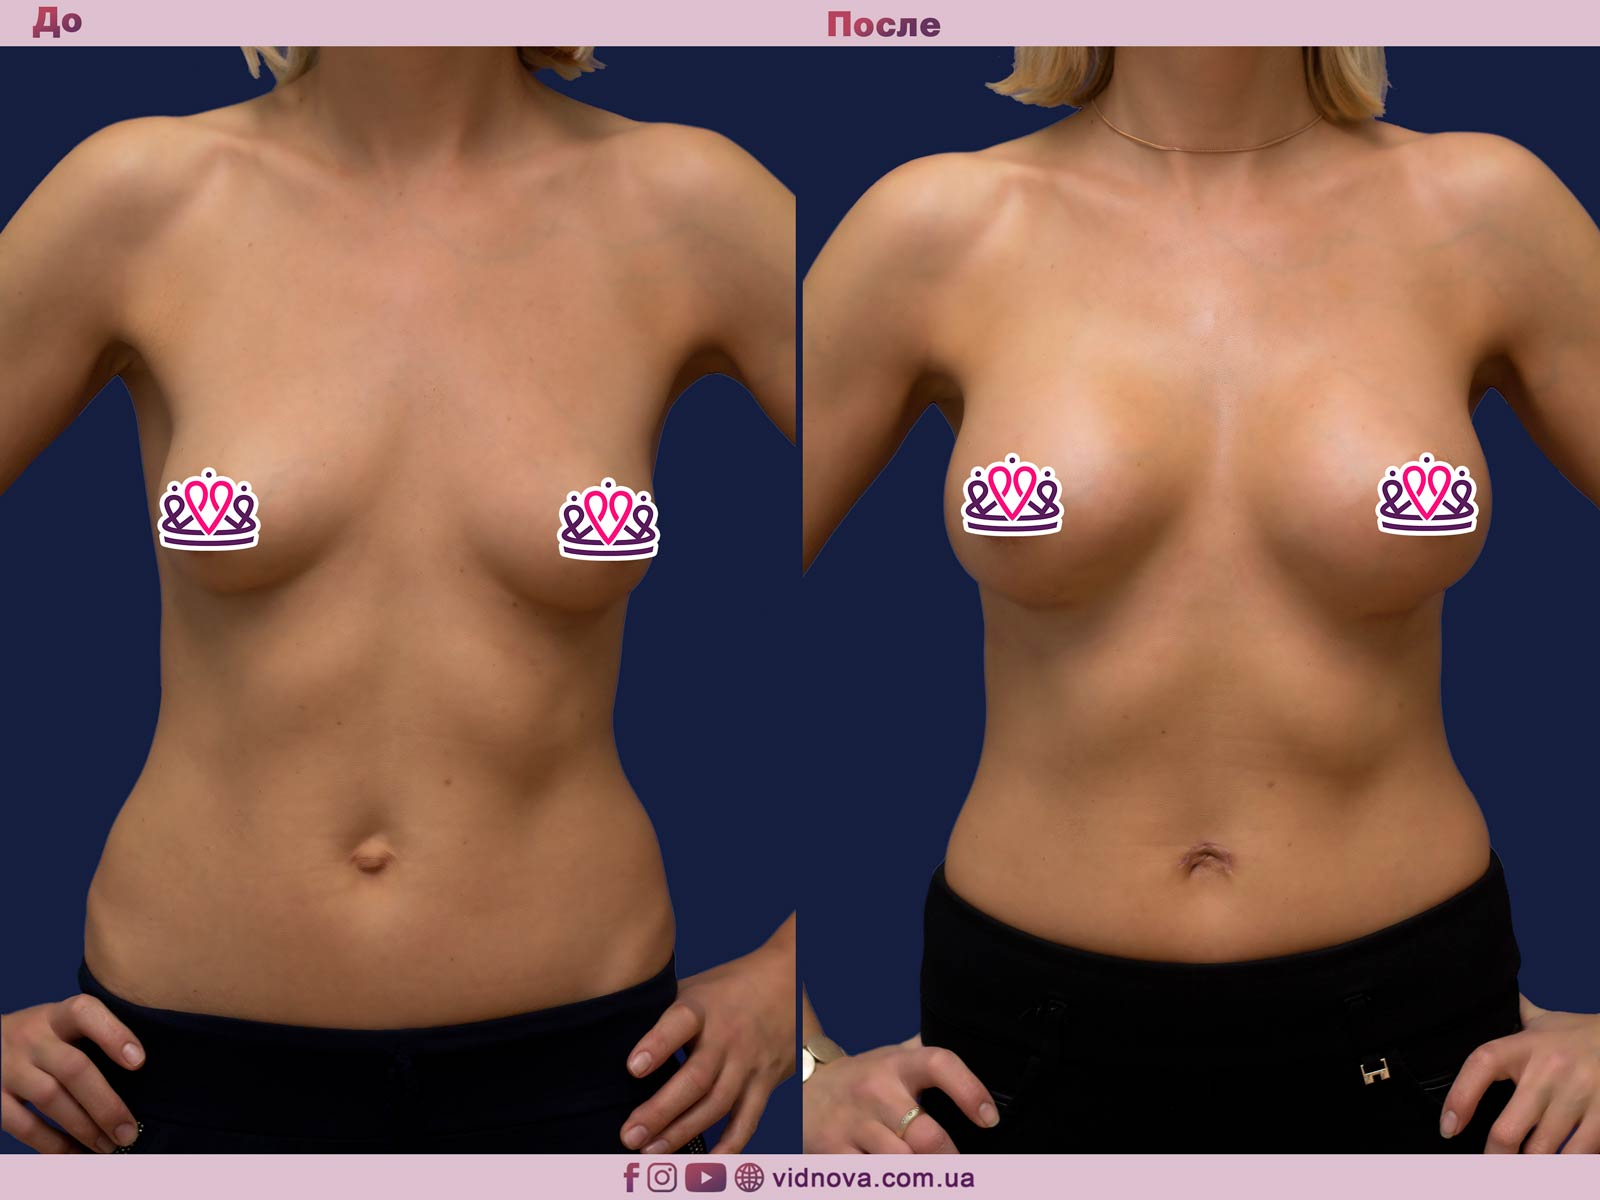 Пластика груди: результаты до и после - Пример №17-0 - Светлана Работенко